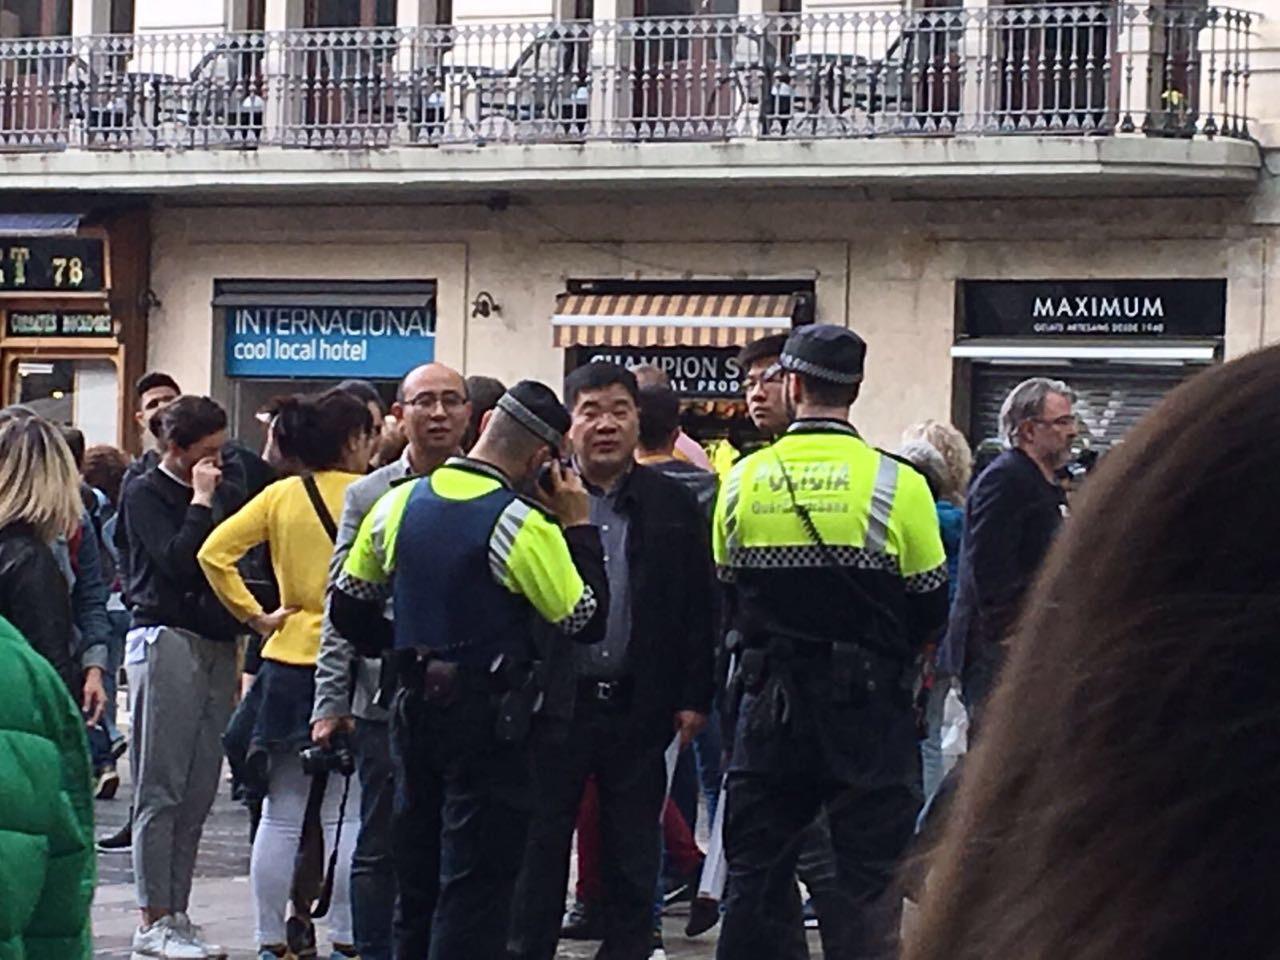 Wirbel um Shen Yun in Barcelona: Chinesische Botschaft organisiert bezahlten Protest